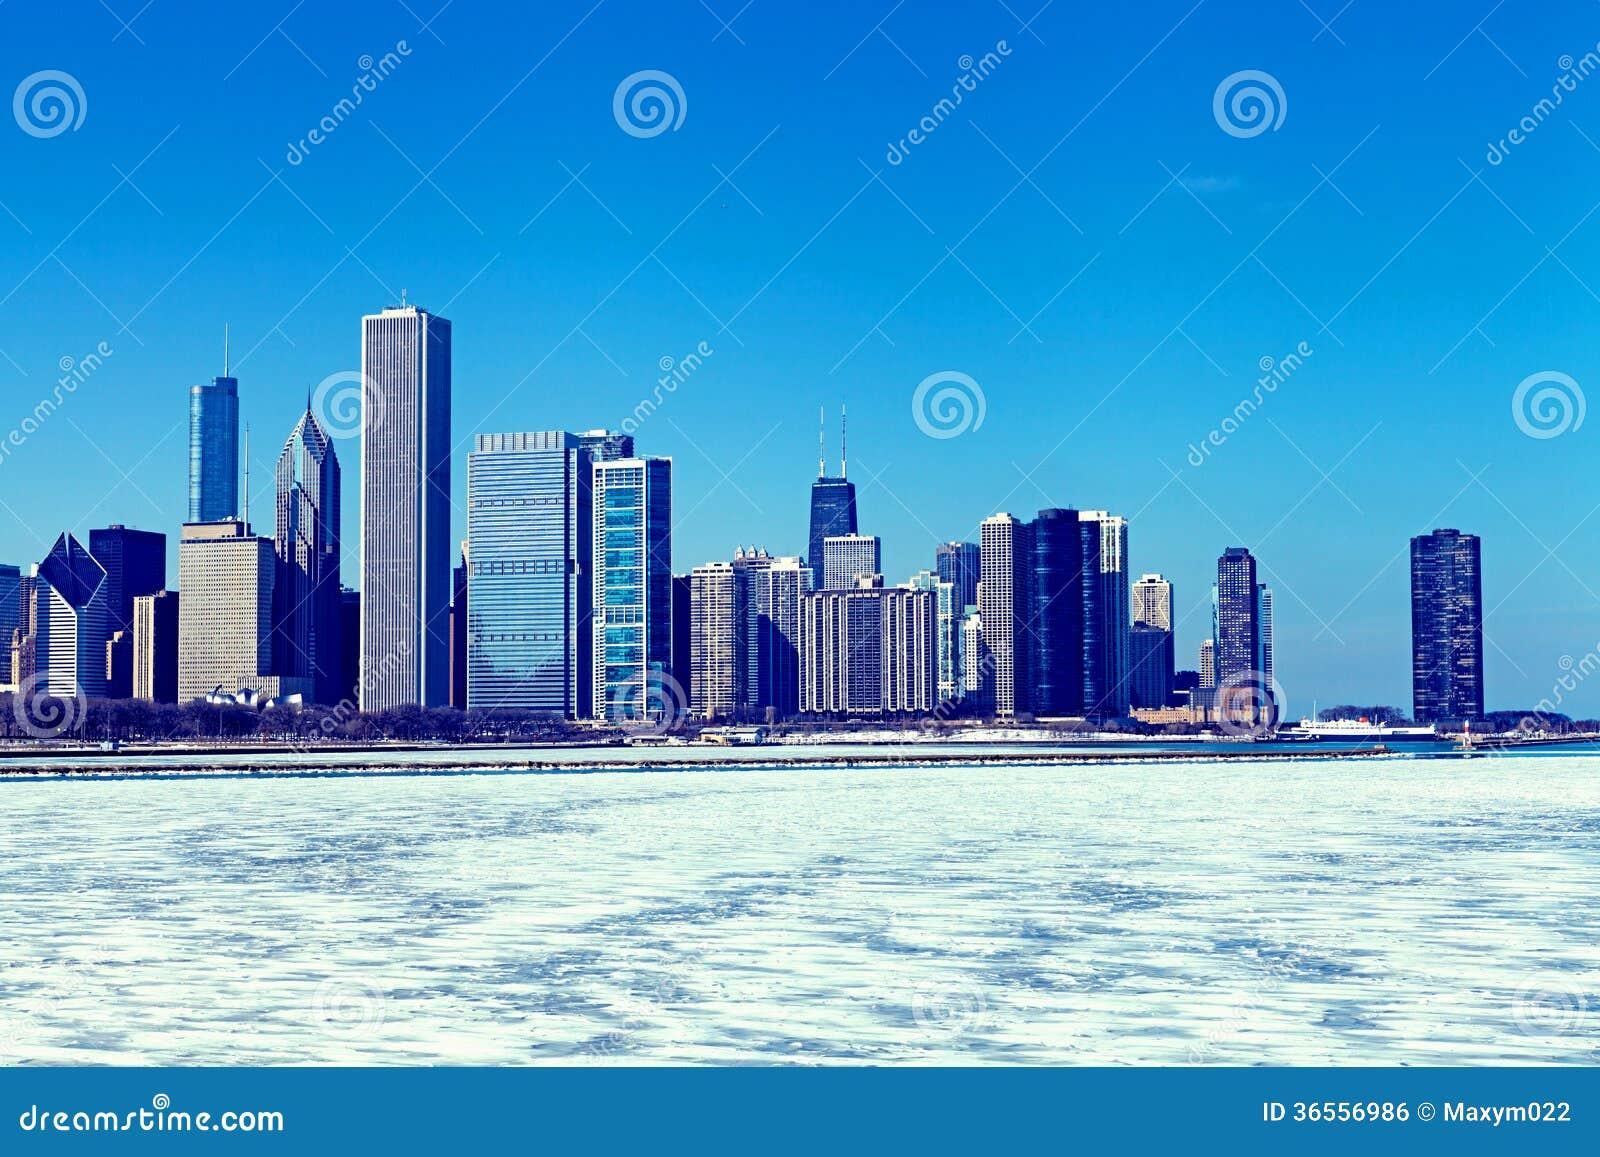 Horizonte de Chicago en el invierno